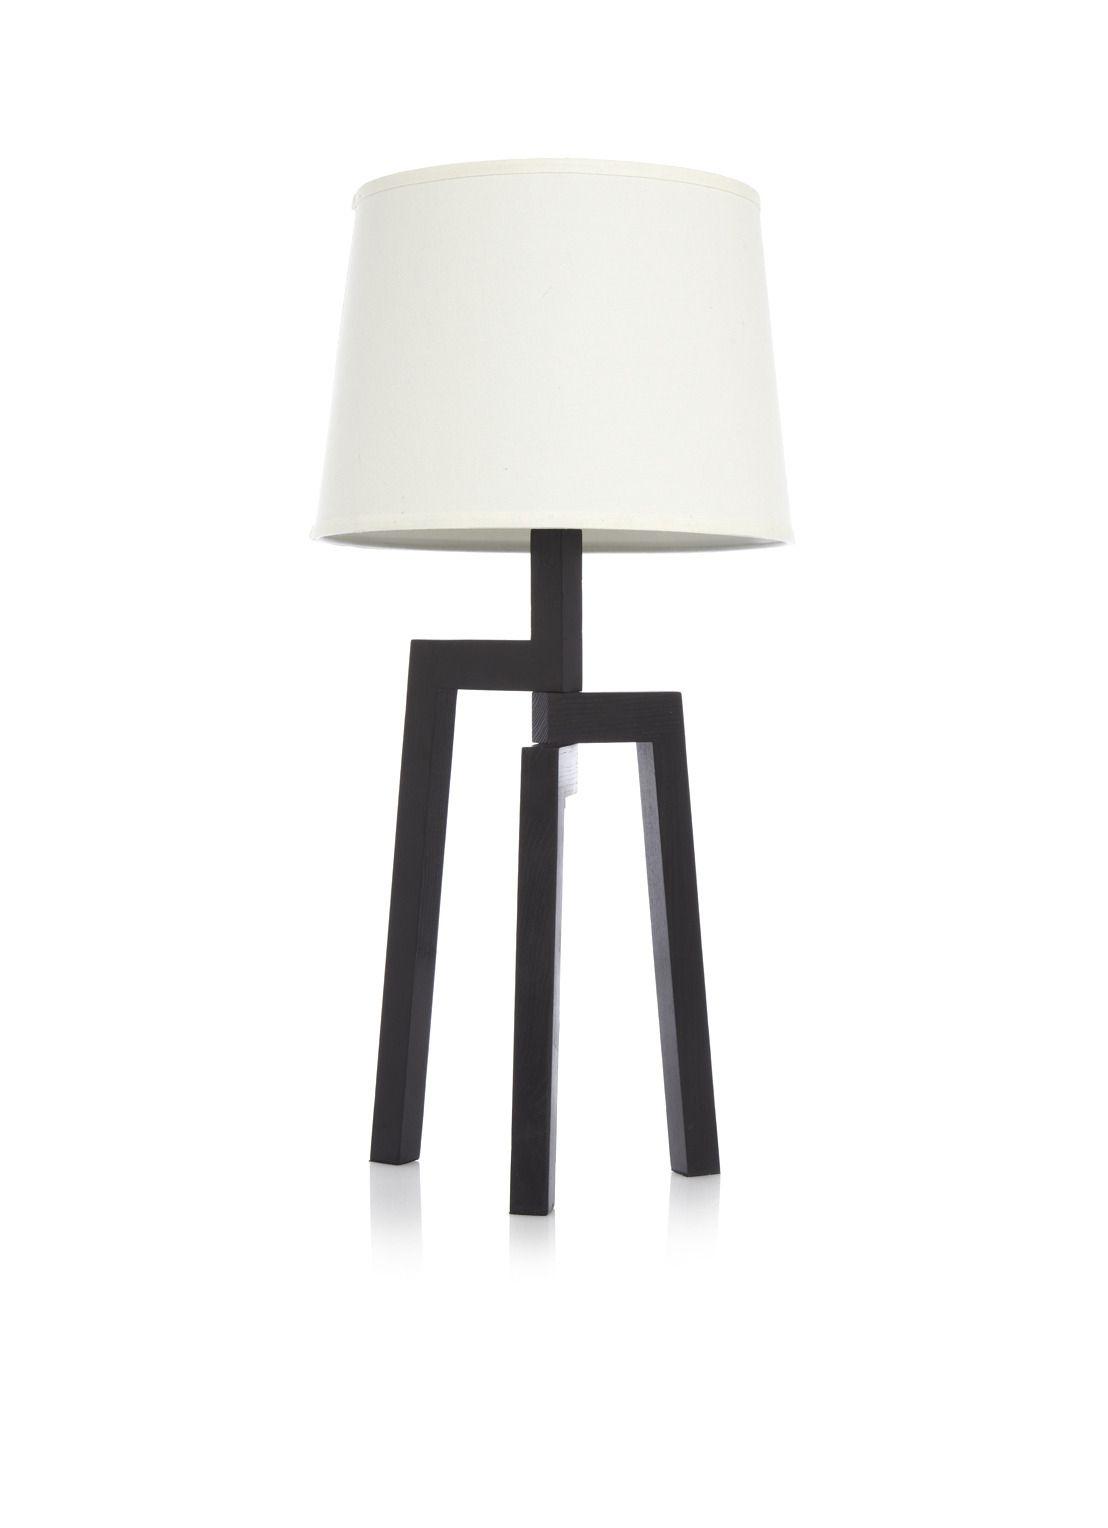 Wood line tafellamp. Deze design lamp heeft een moderne en natuurlijke uitstraling. De lampvoet is gemaakt van zwartgeverfd hout. De kap is van stof en heeft de kleur crème.